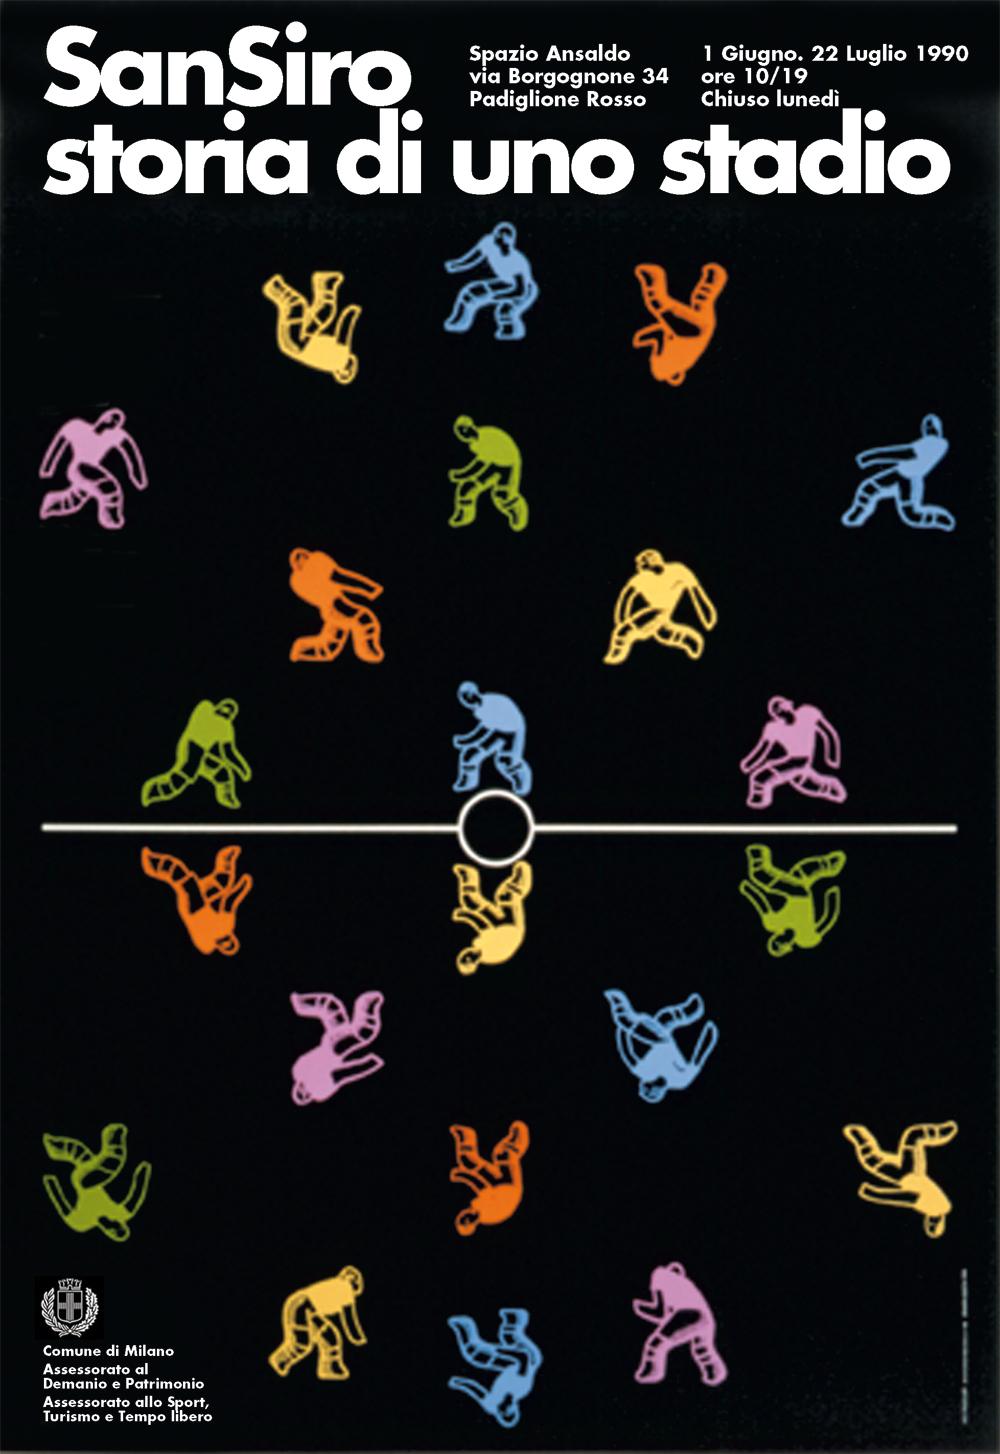 Riapertura dello stadio di San Siro: manifesto per la mostra allo Spazio Ansaldo di Milano, 1990. / Re-opening of San Siro Stadium: poster for the Ansaldo Space in Milan, 1990.